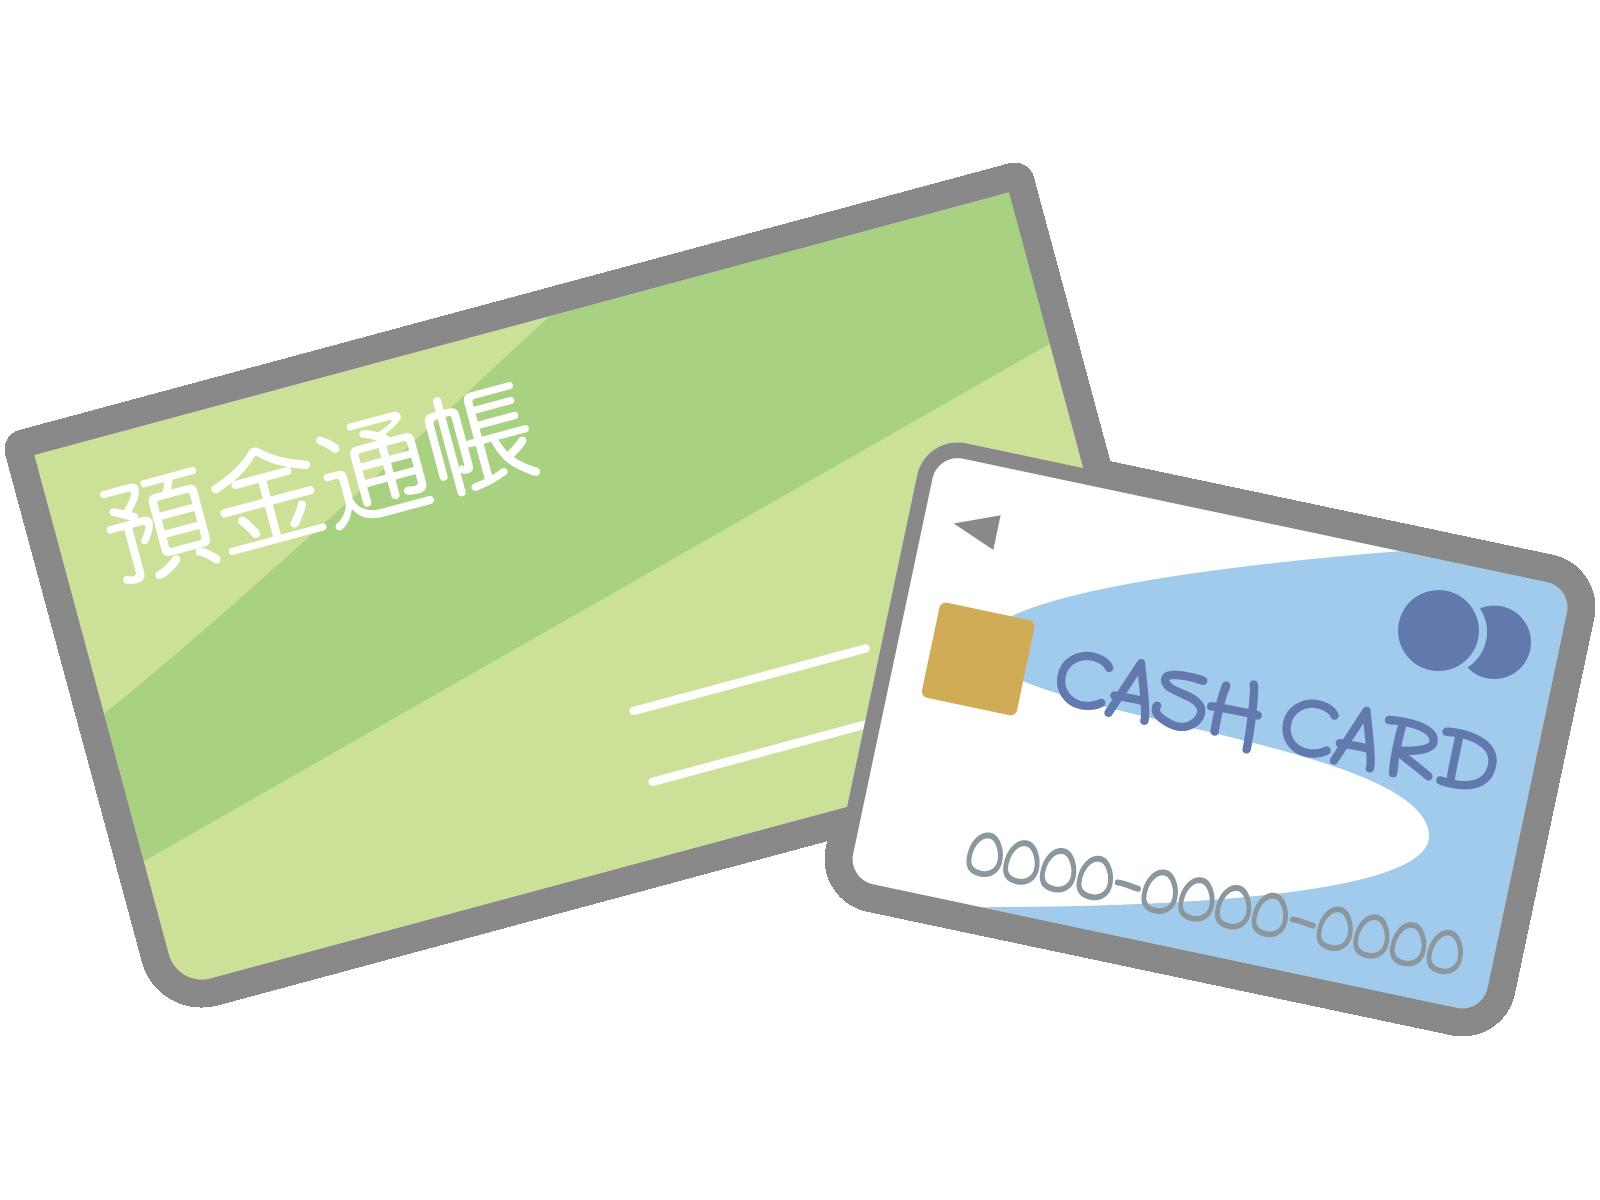 通帳、またはクレジットカード